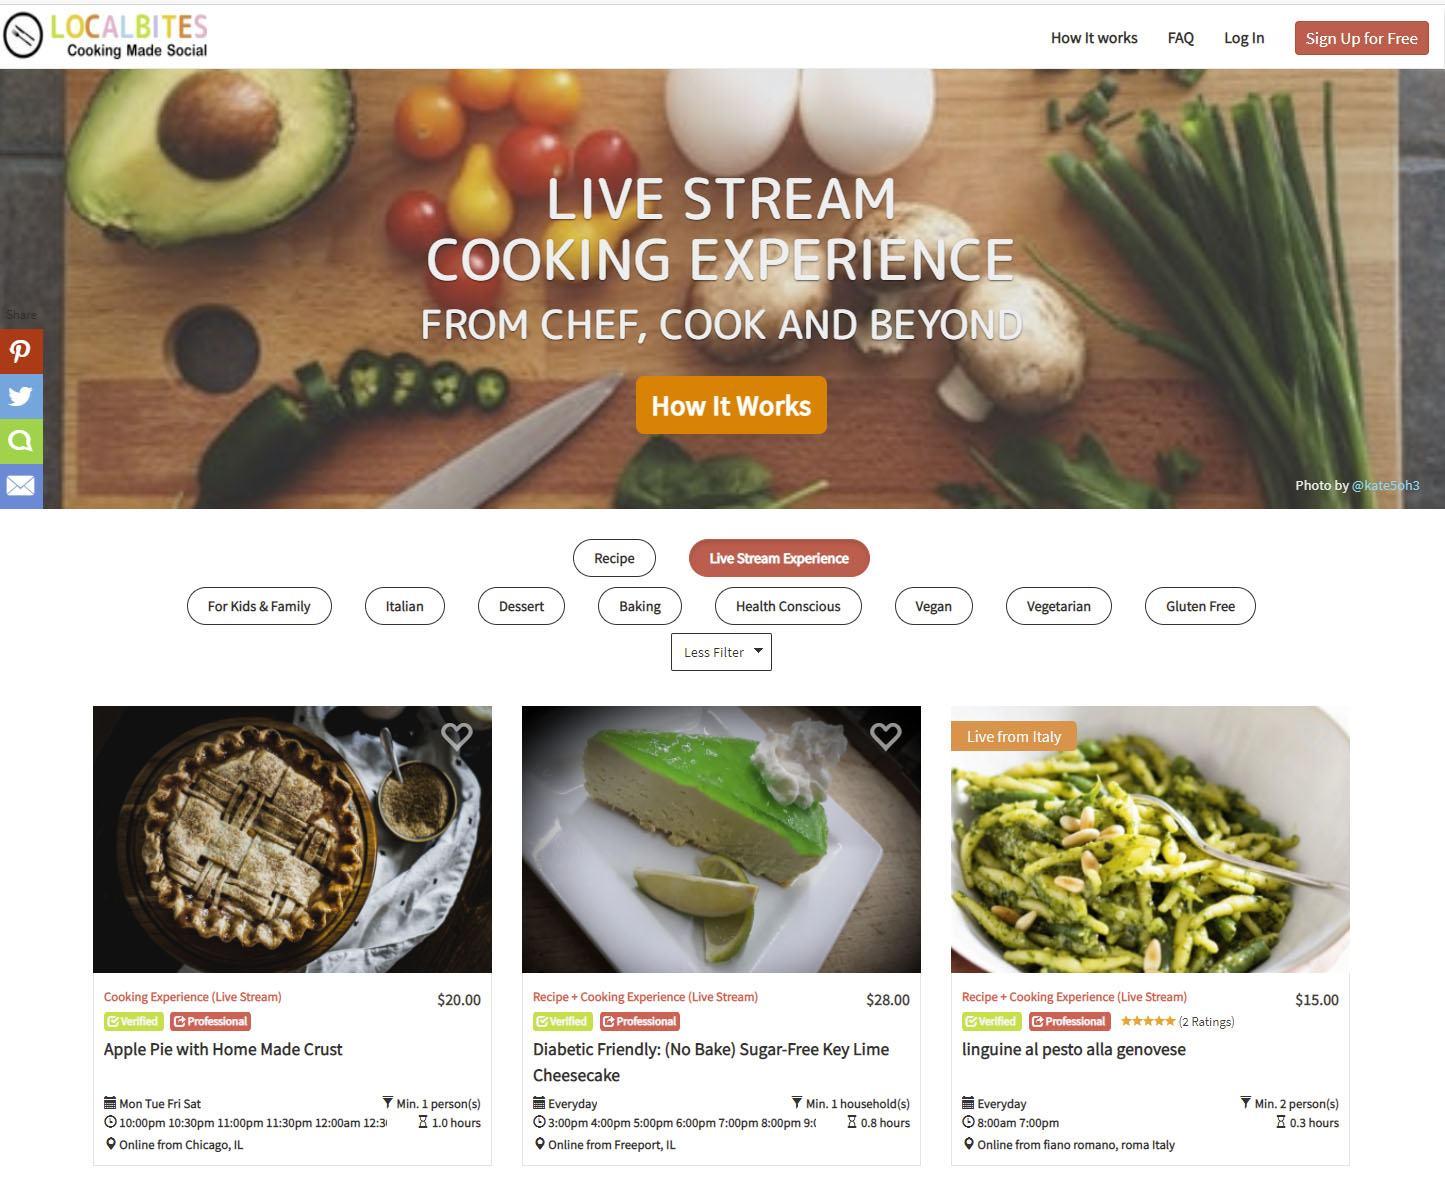 Localbites website